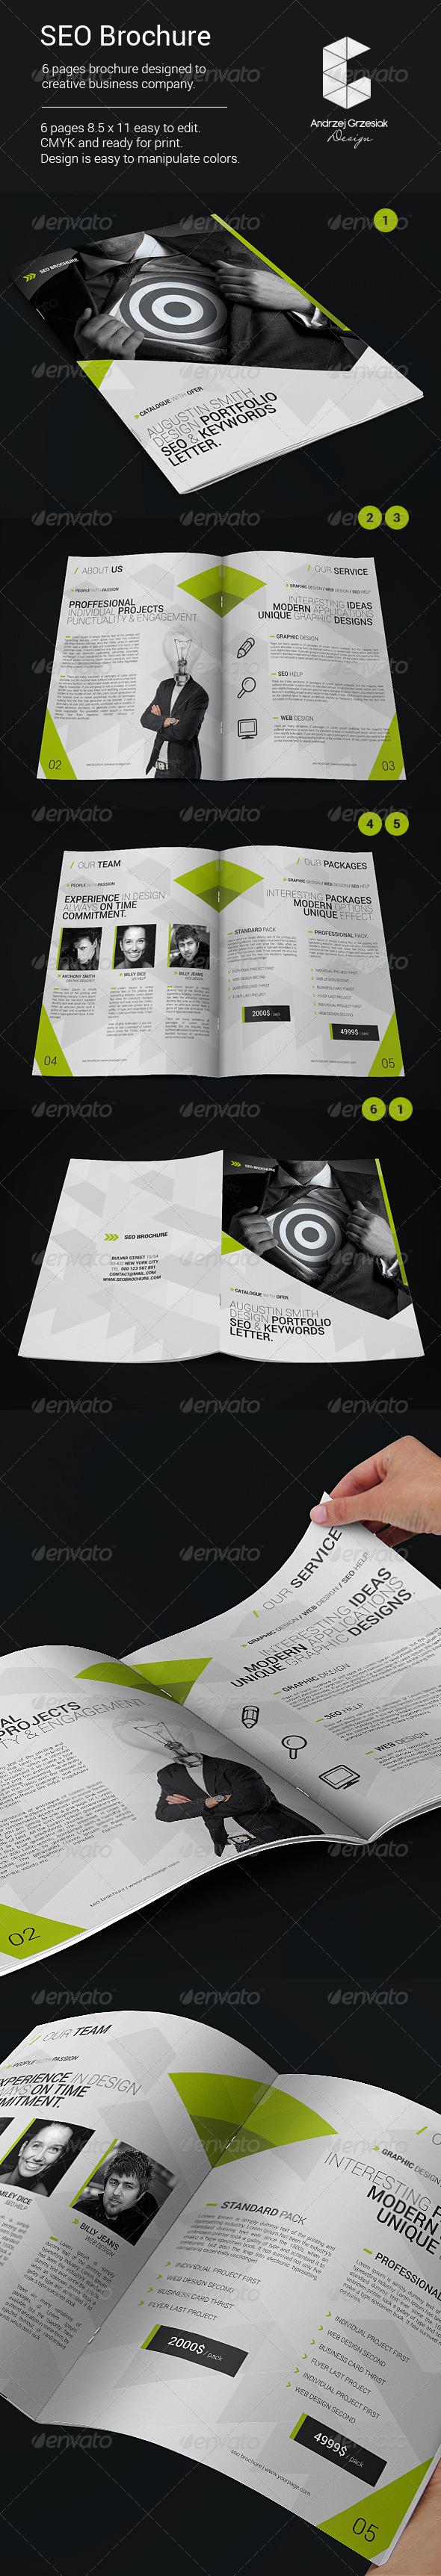 GraphicRiver SEO Brochure 5958699